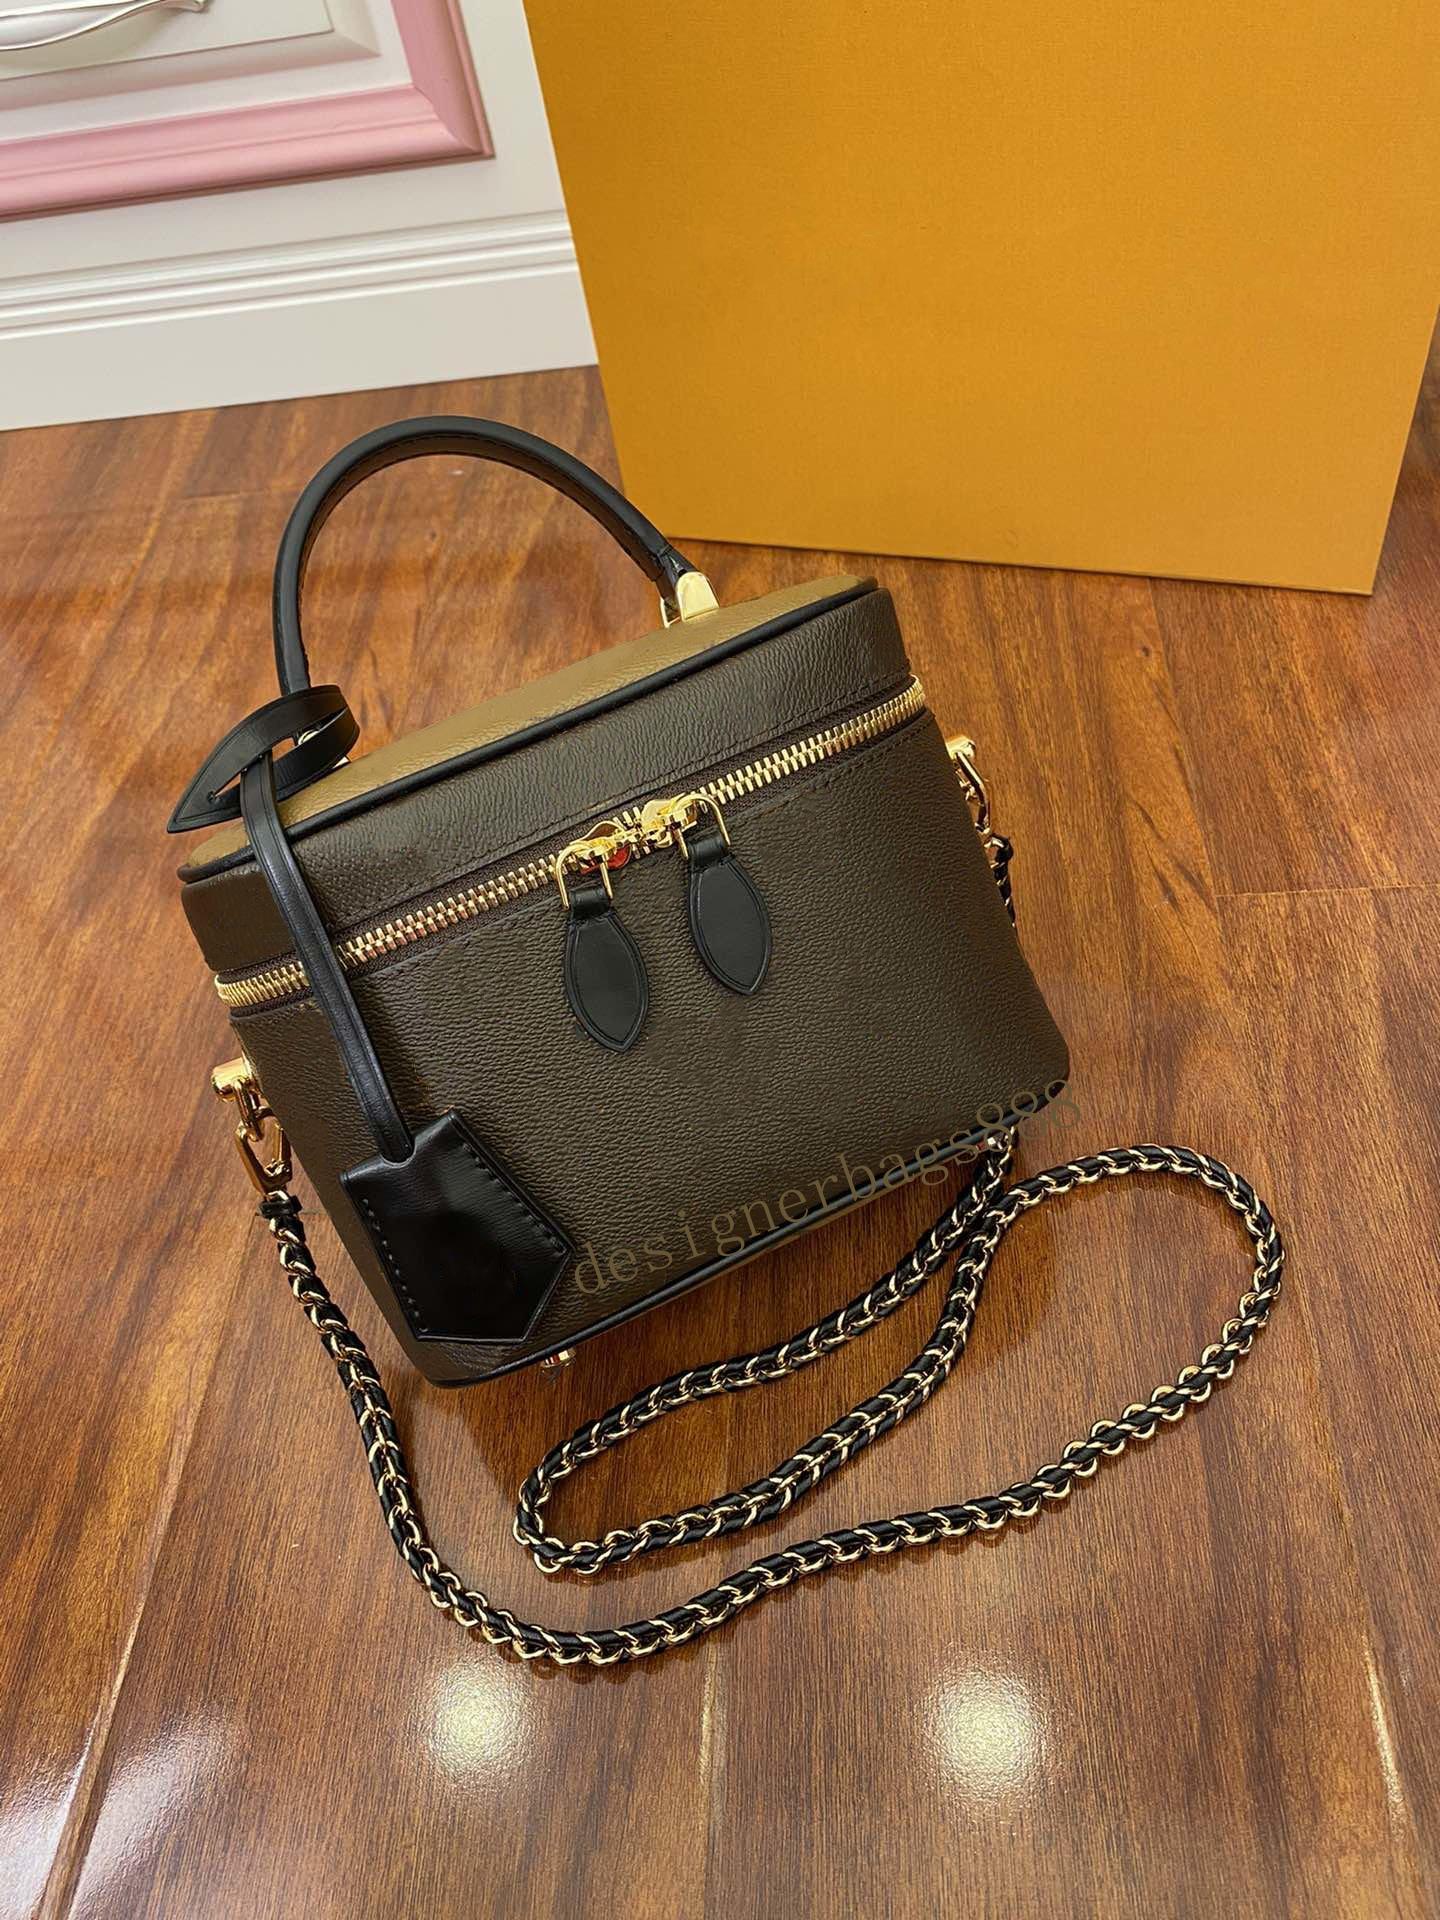 Сумки Messenger Wallet luxurys рюкзак мешок дизайнеров кошельки женщин crossbody модные сумки плечо m45165 сумки кожаные сумки salxq